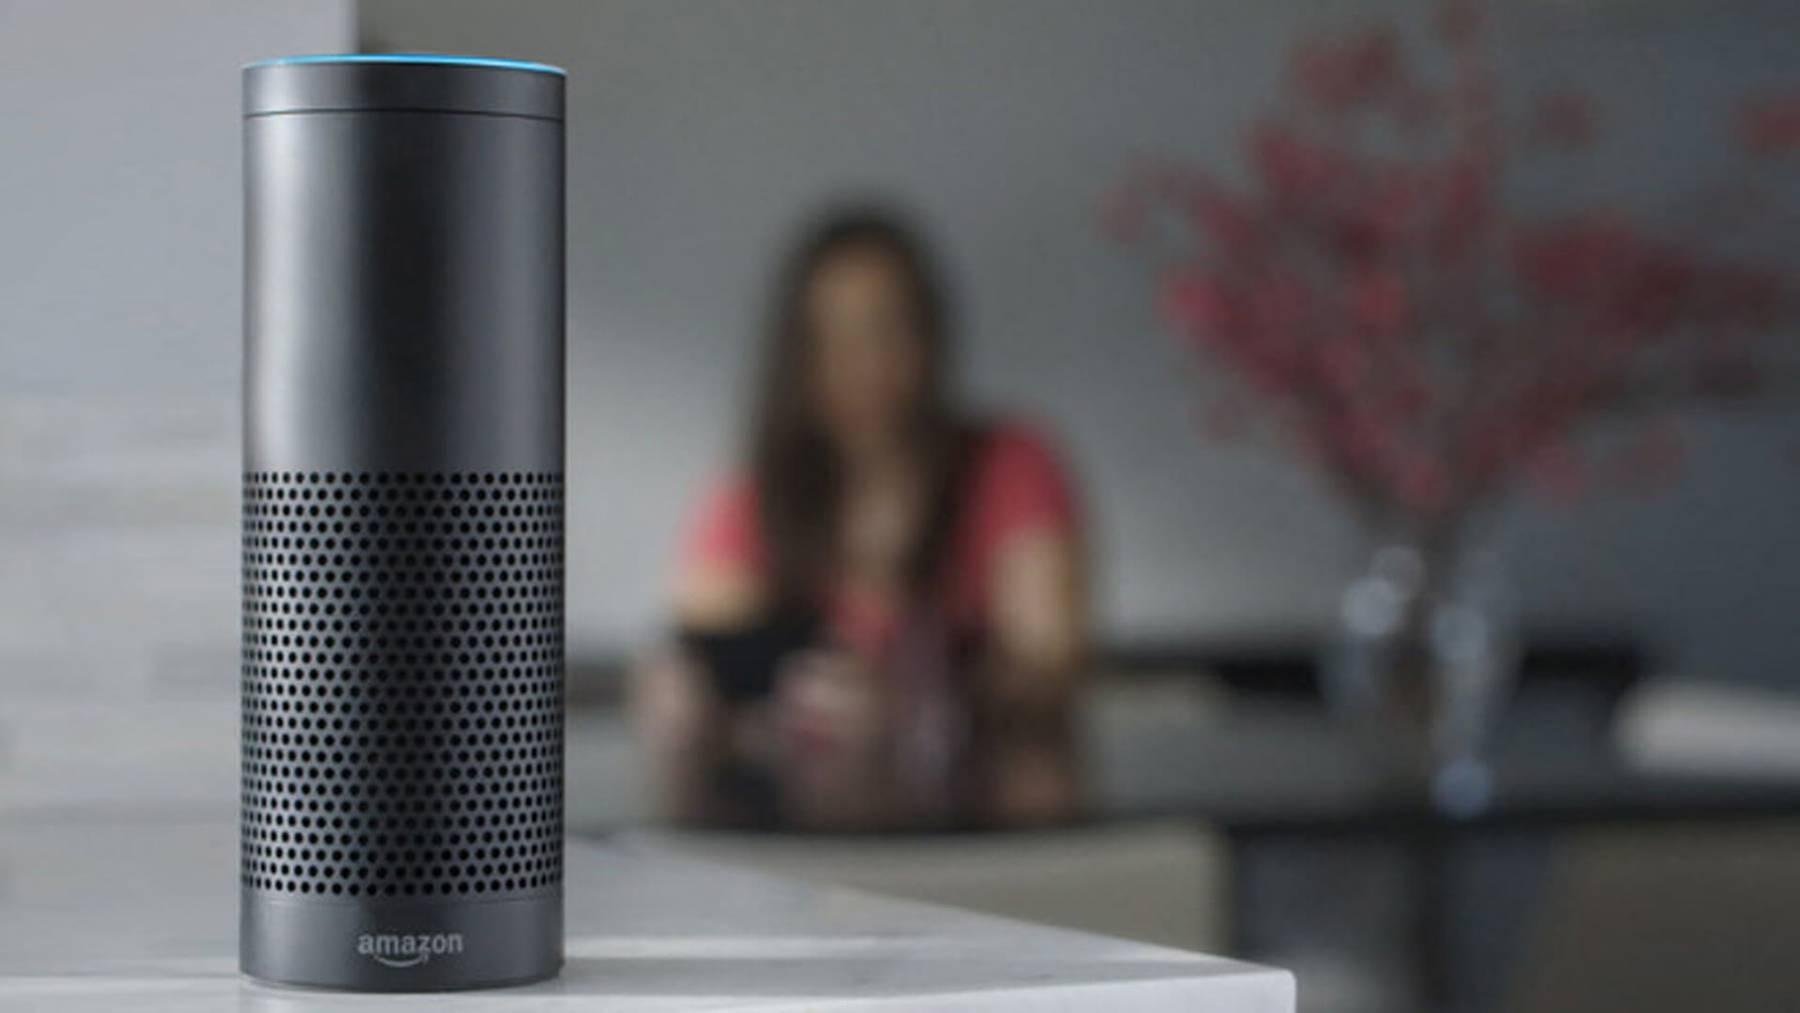 Vernetzt: Amazon Echo und Co. erobern das Wohnzimmer